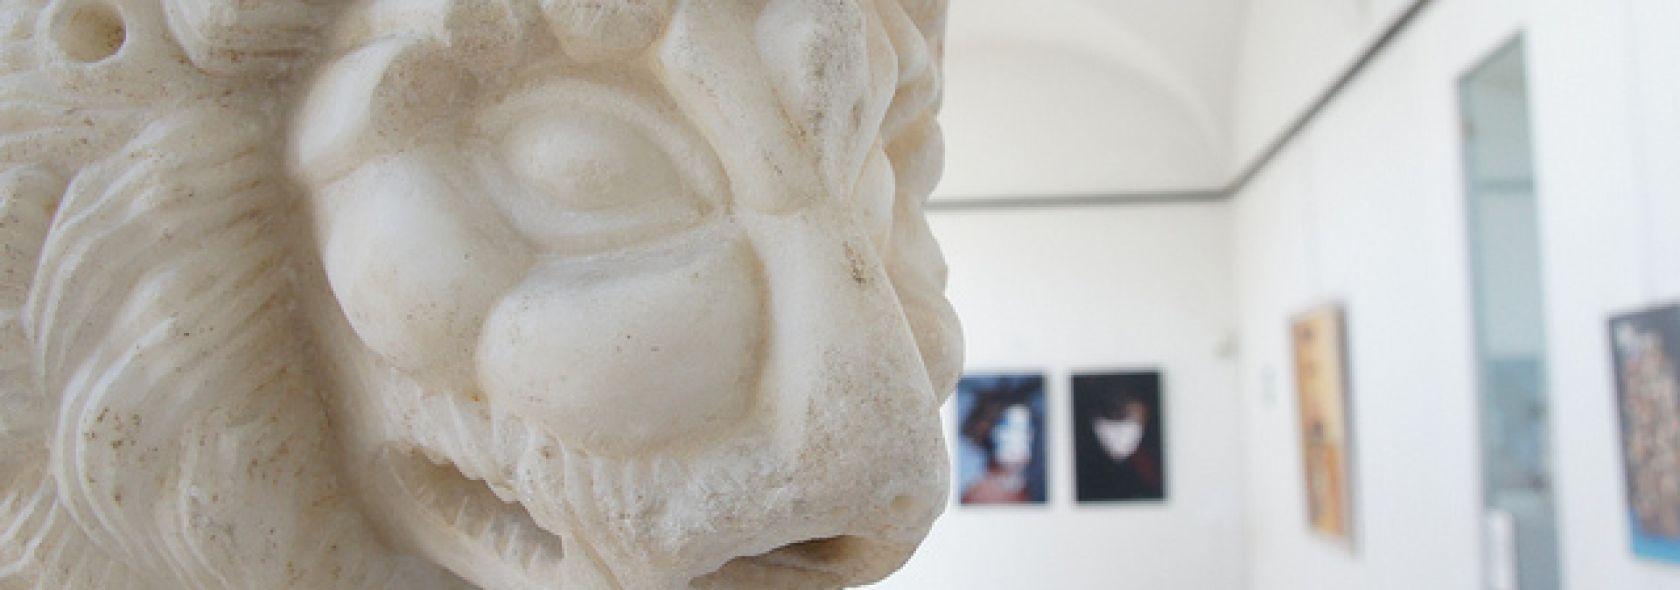 Museo di Sant'Agostino - interno - ©genovacittadigitale